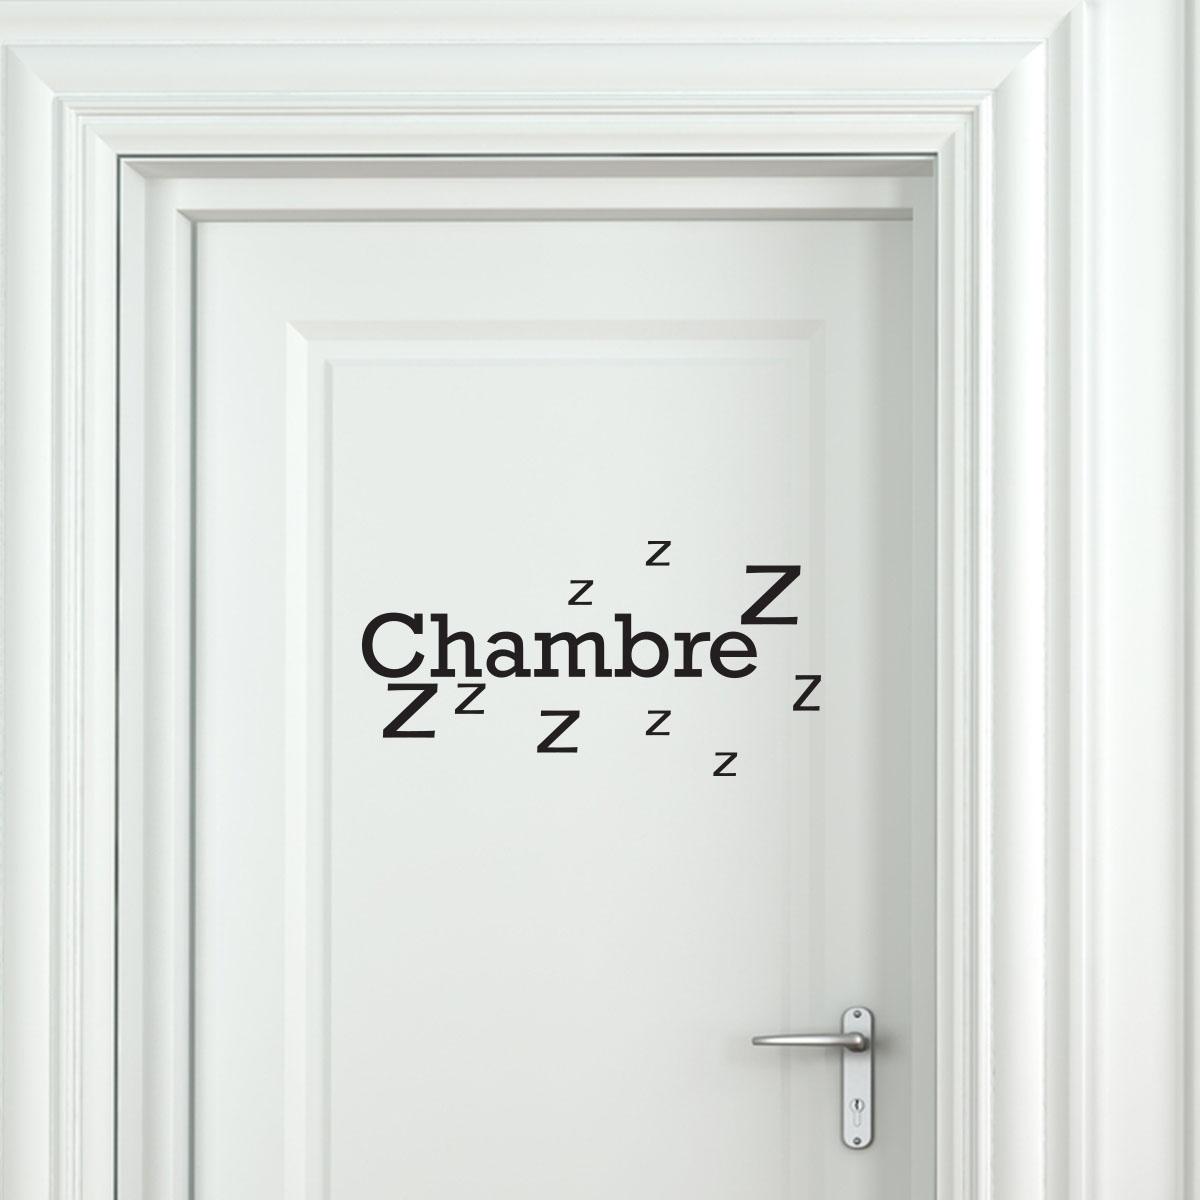 sticker porte chambre zzz stickers chambre texte. Black Bedroom Furniture Sets. Home Design Ideas